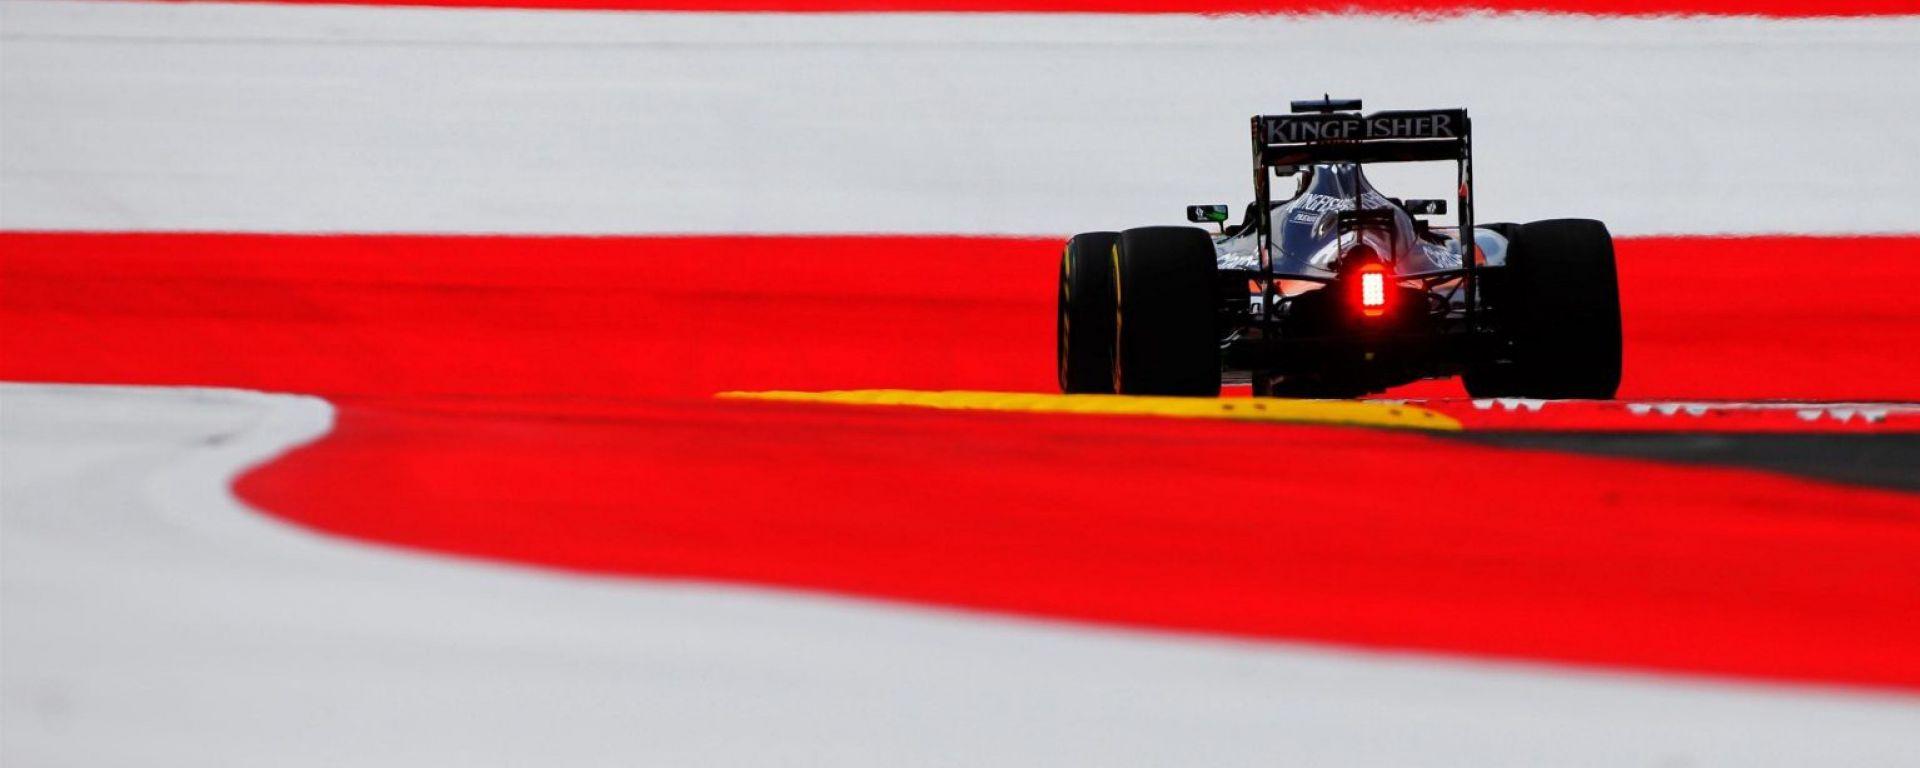 Nico Hulkenberg e la sua Force India, terzo crono per lui nelle FP2 - GP Austria